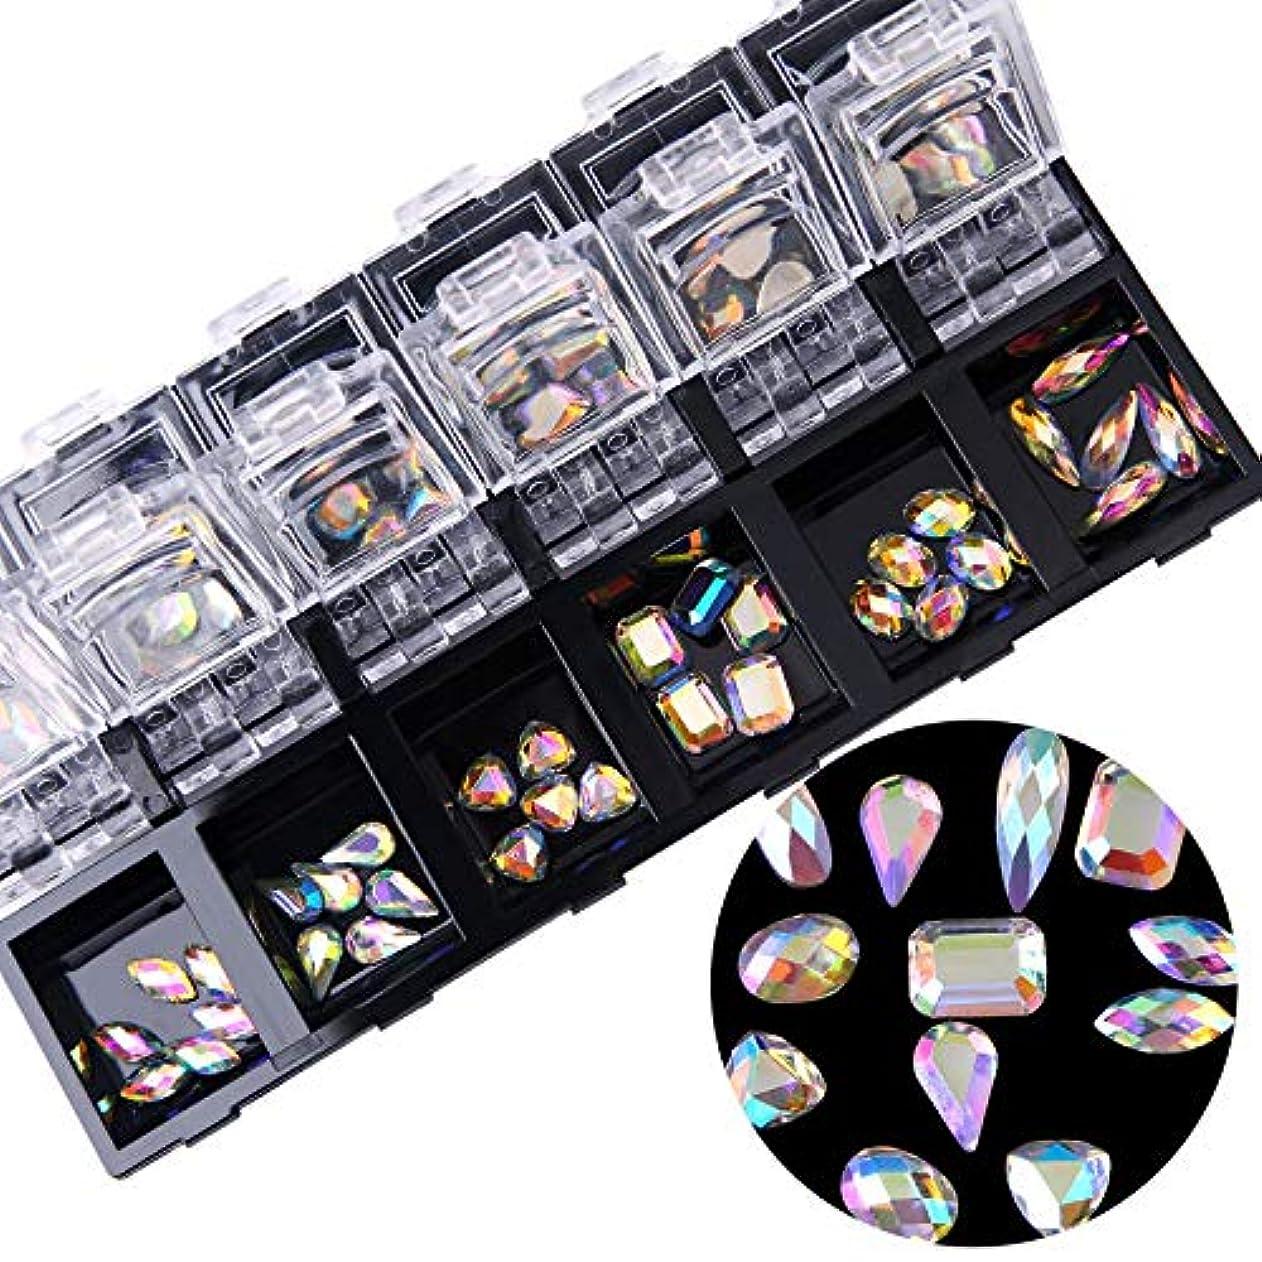 タオルアクティブ楽な1ボックスシルバーフラットバックネイルアートホログラフィックラインストーンジュエリーabクリスタルダイヤモンドジェルのヒントデコレーションケース